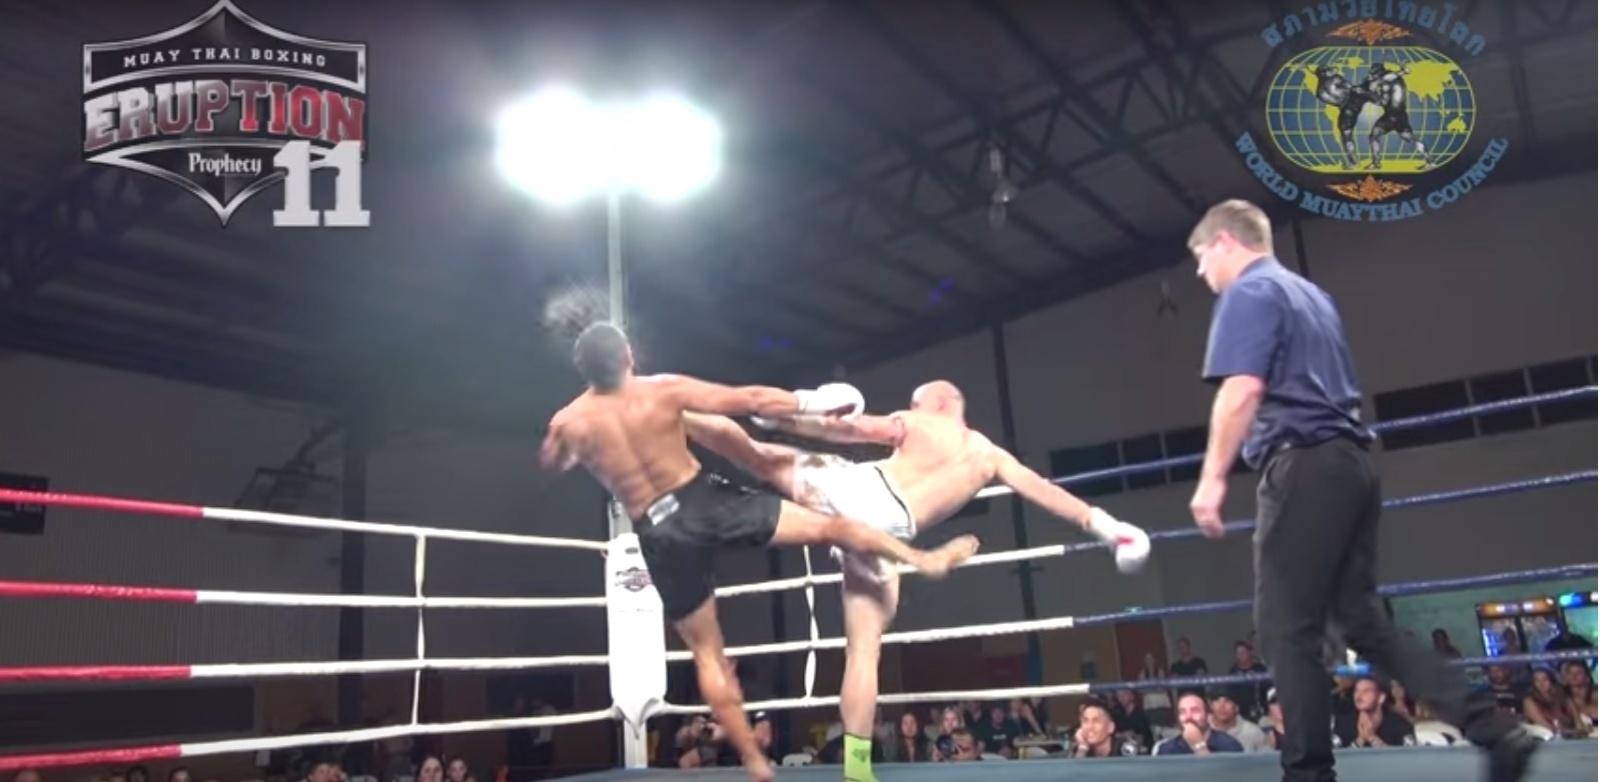 Daniel Valvsaga x Dejan Ross em luta no evento Eruption 11, na Austrália